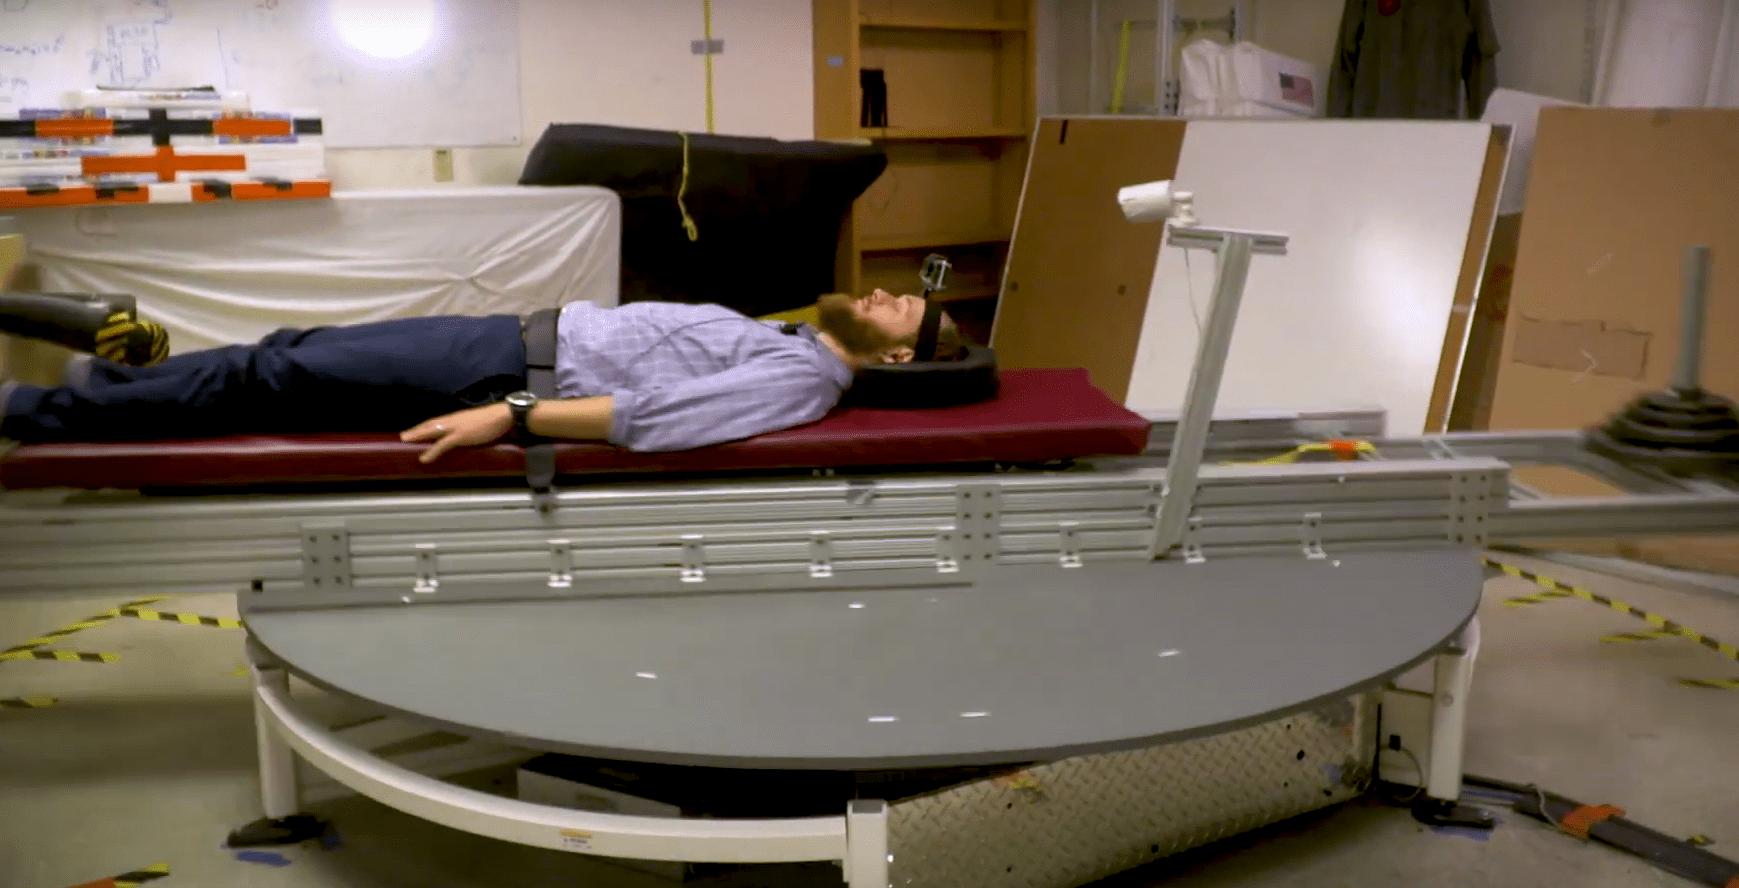 Исследователи разработали тренажёр искусственной гравитации для космических станций